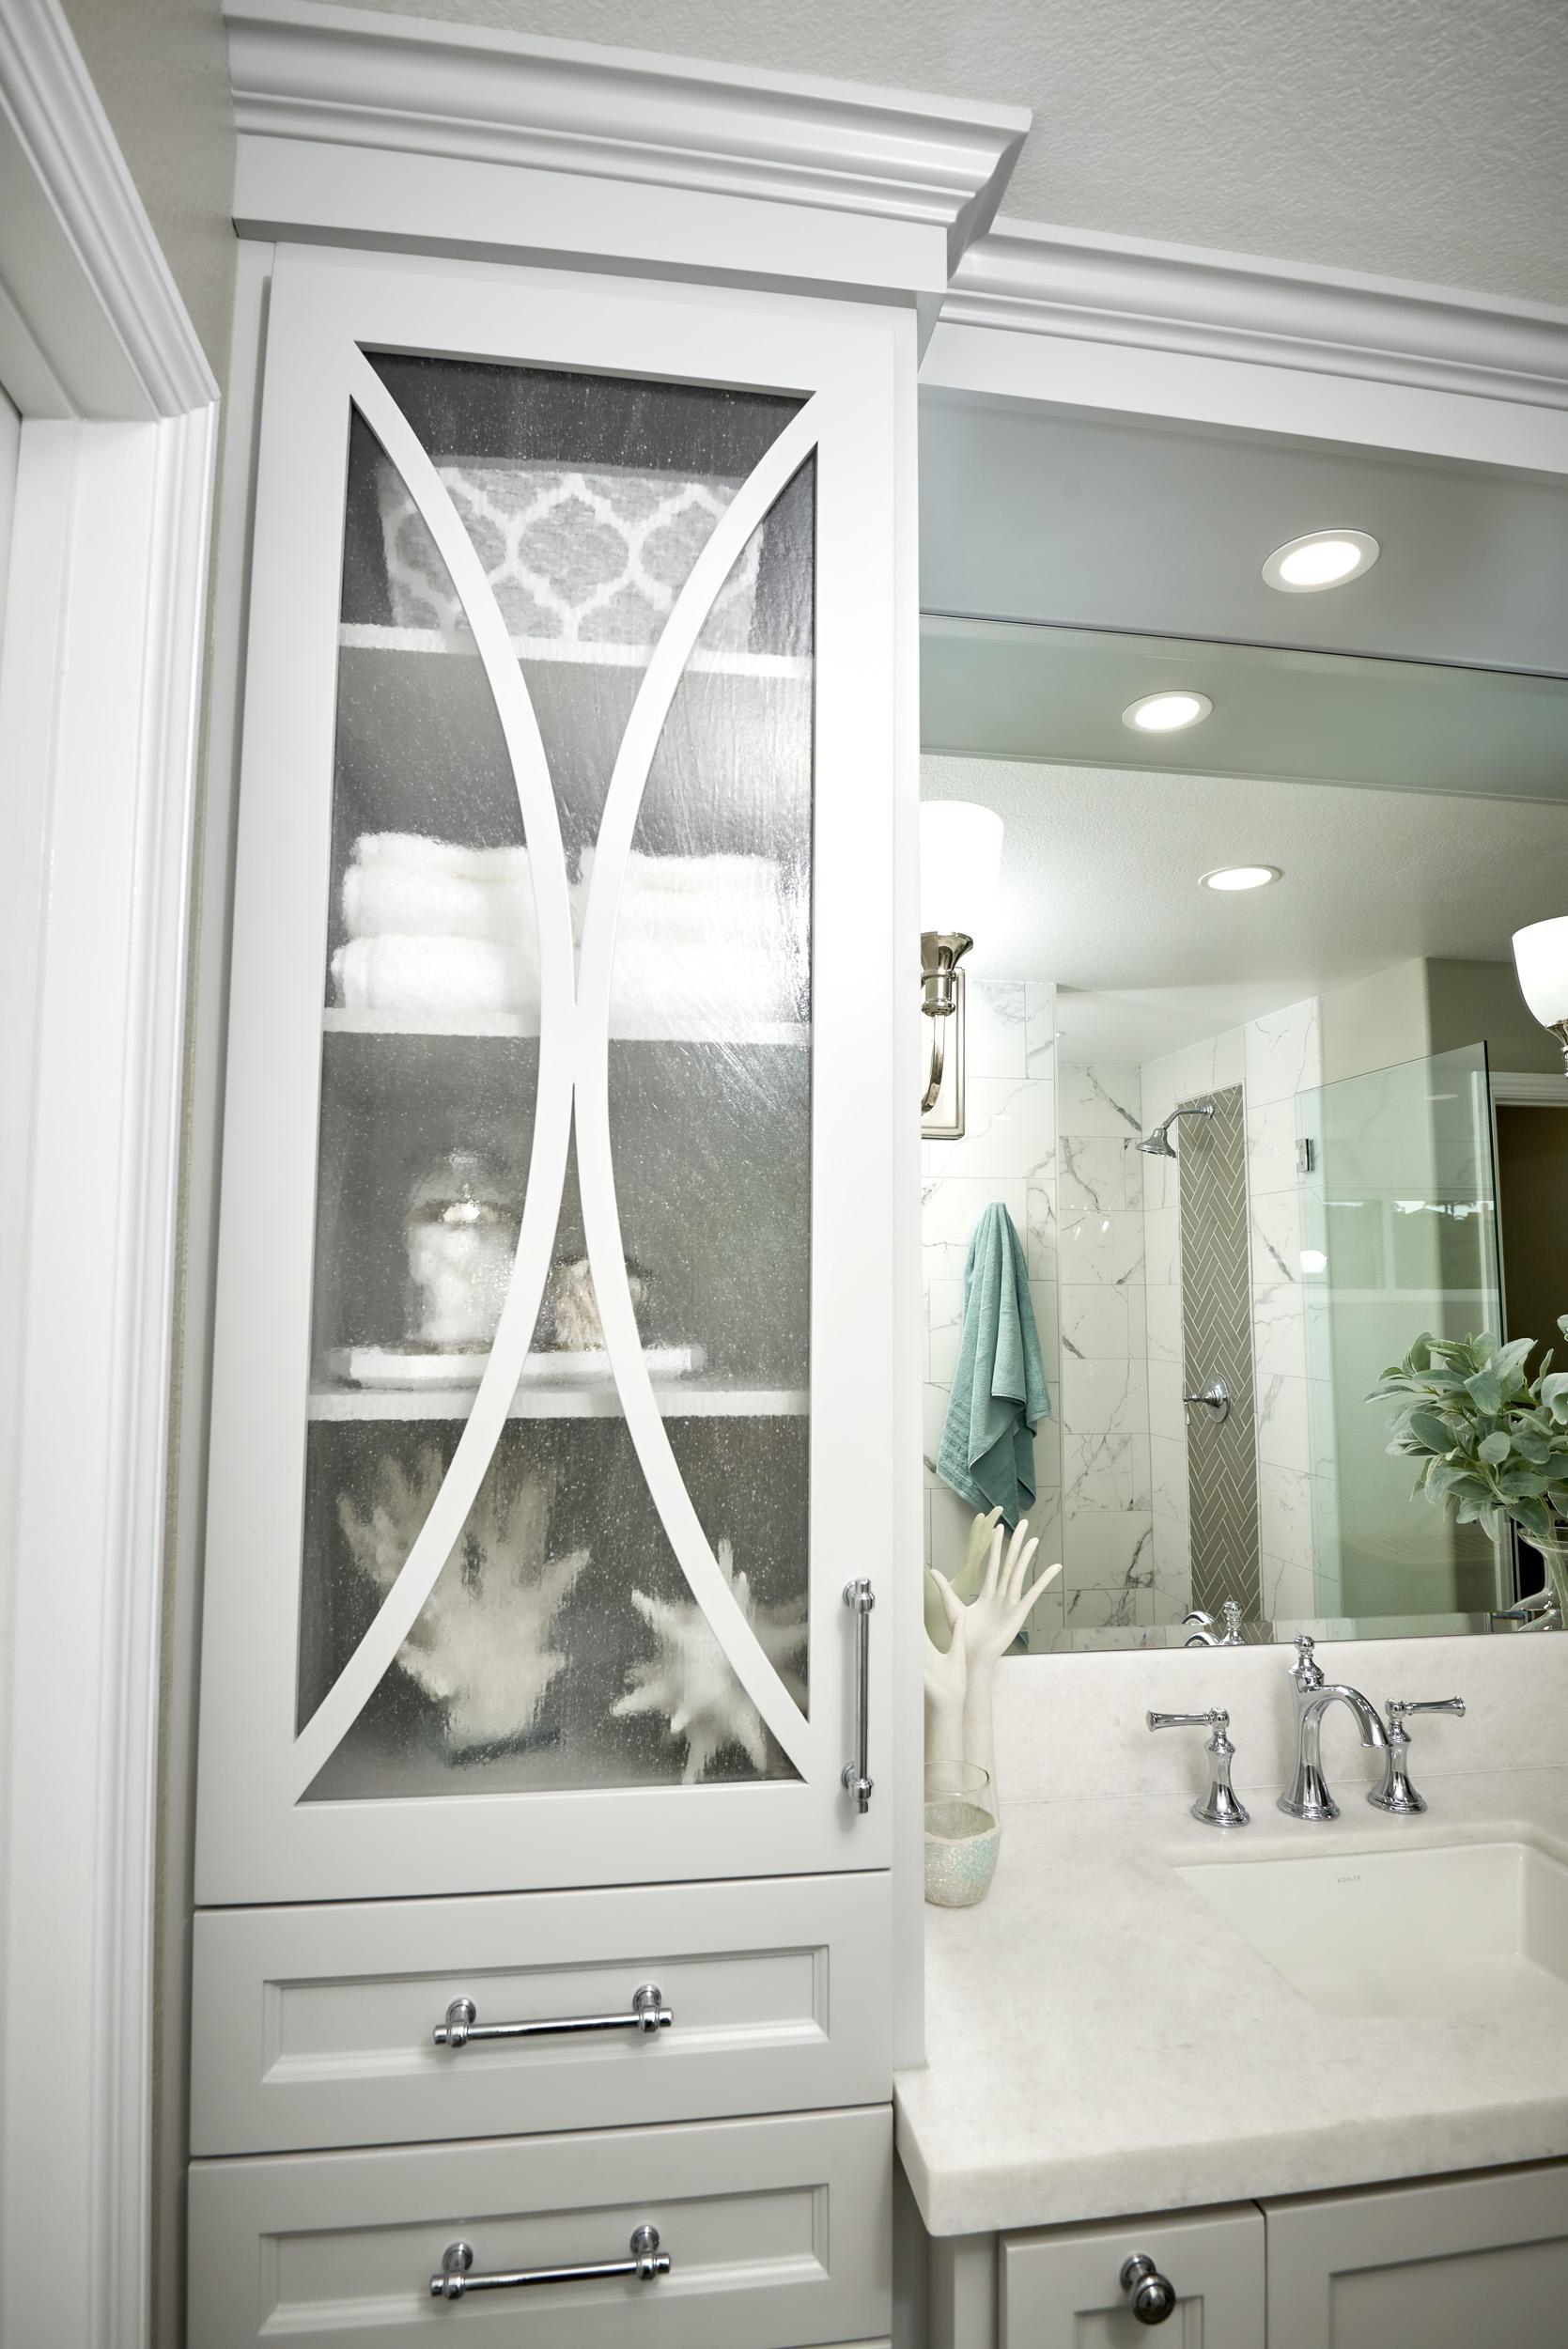 Decorative Storage - Seedy Glass